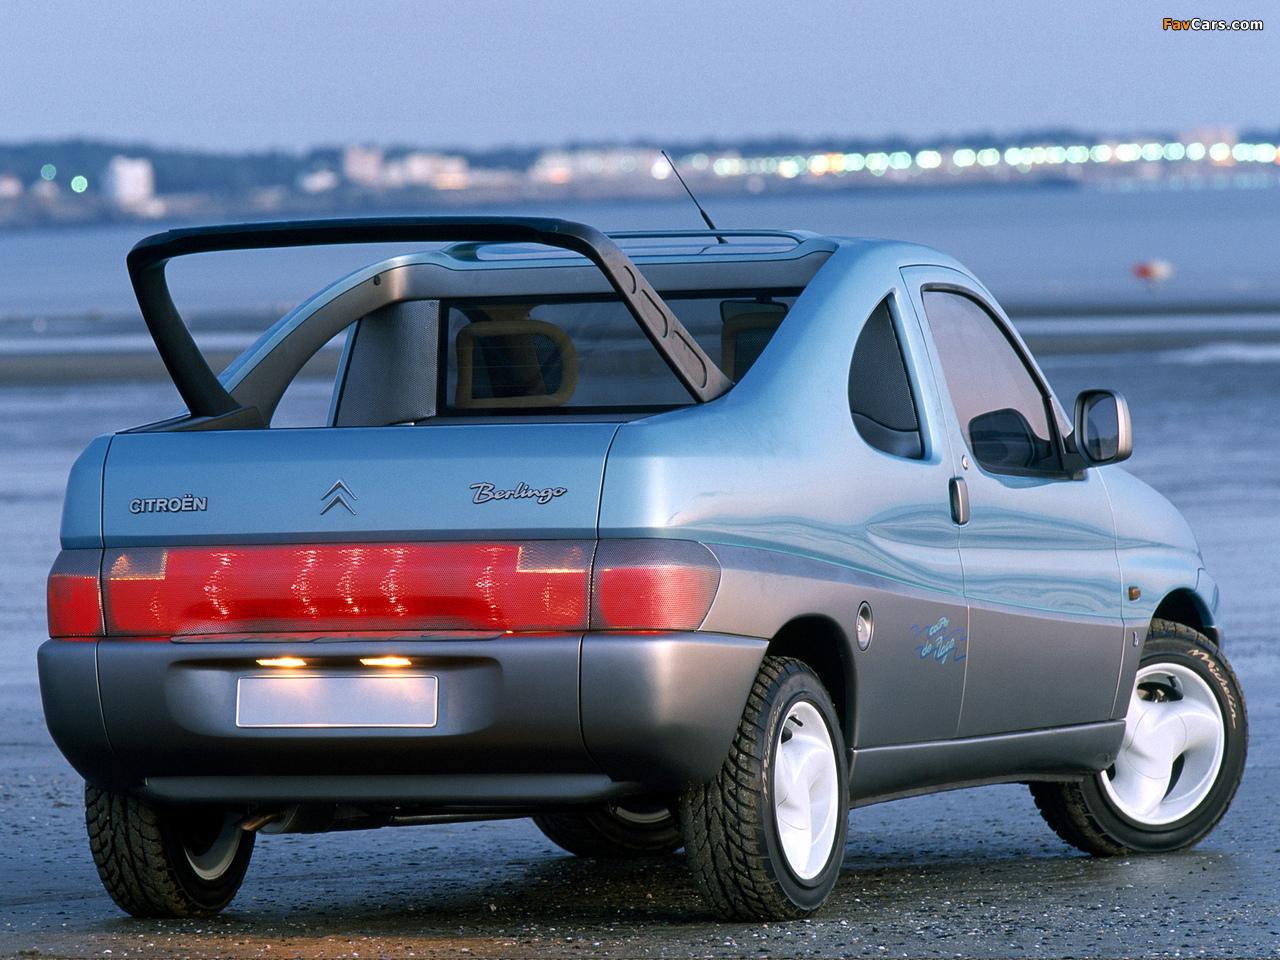 Citroën Berlingo Coupe de Plage Concept 1996 photos (1280 x 960)